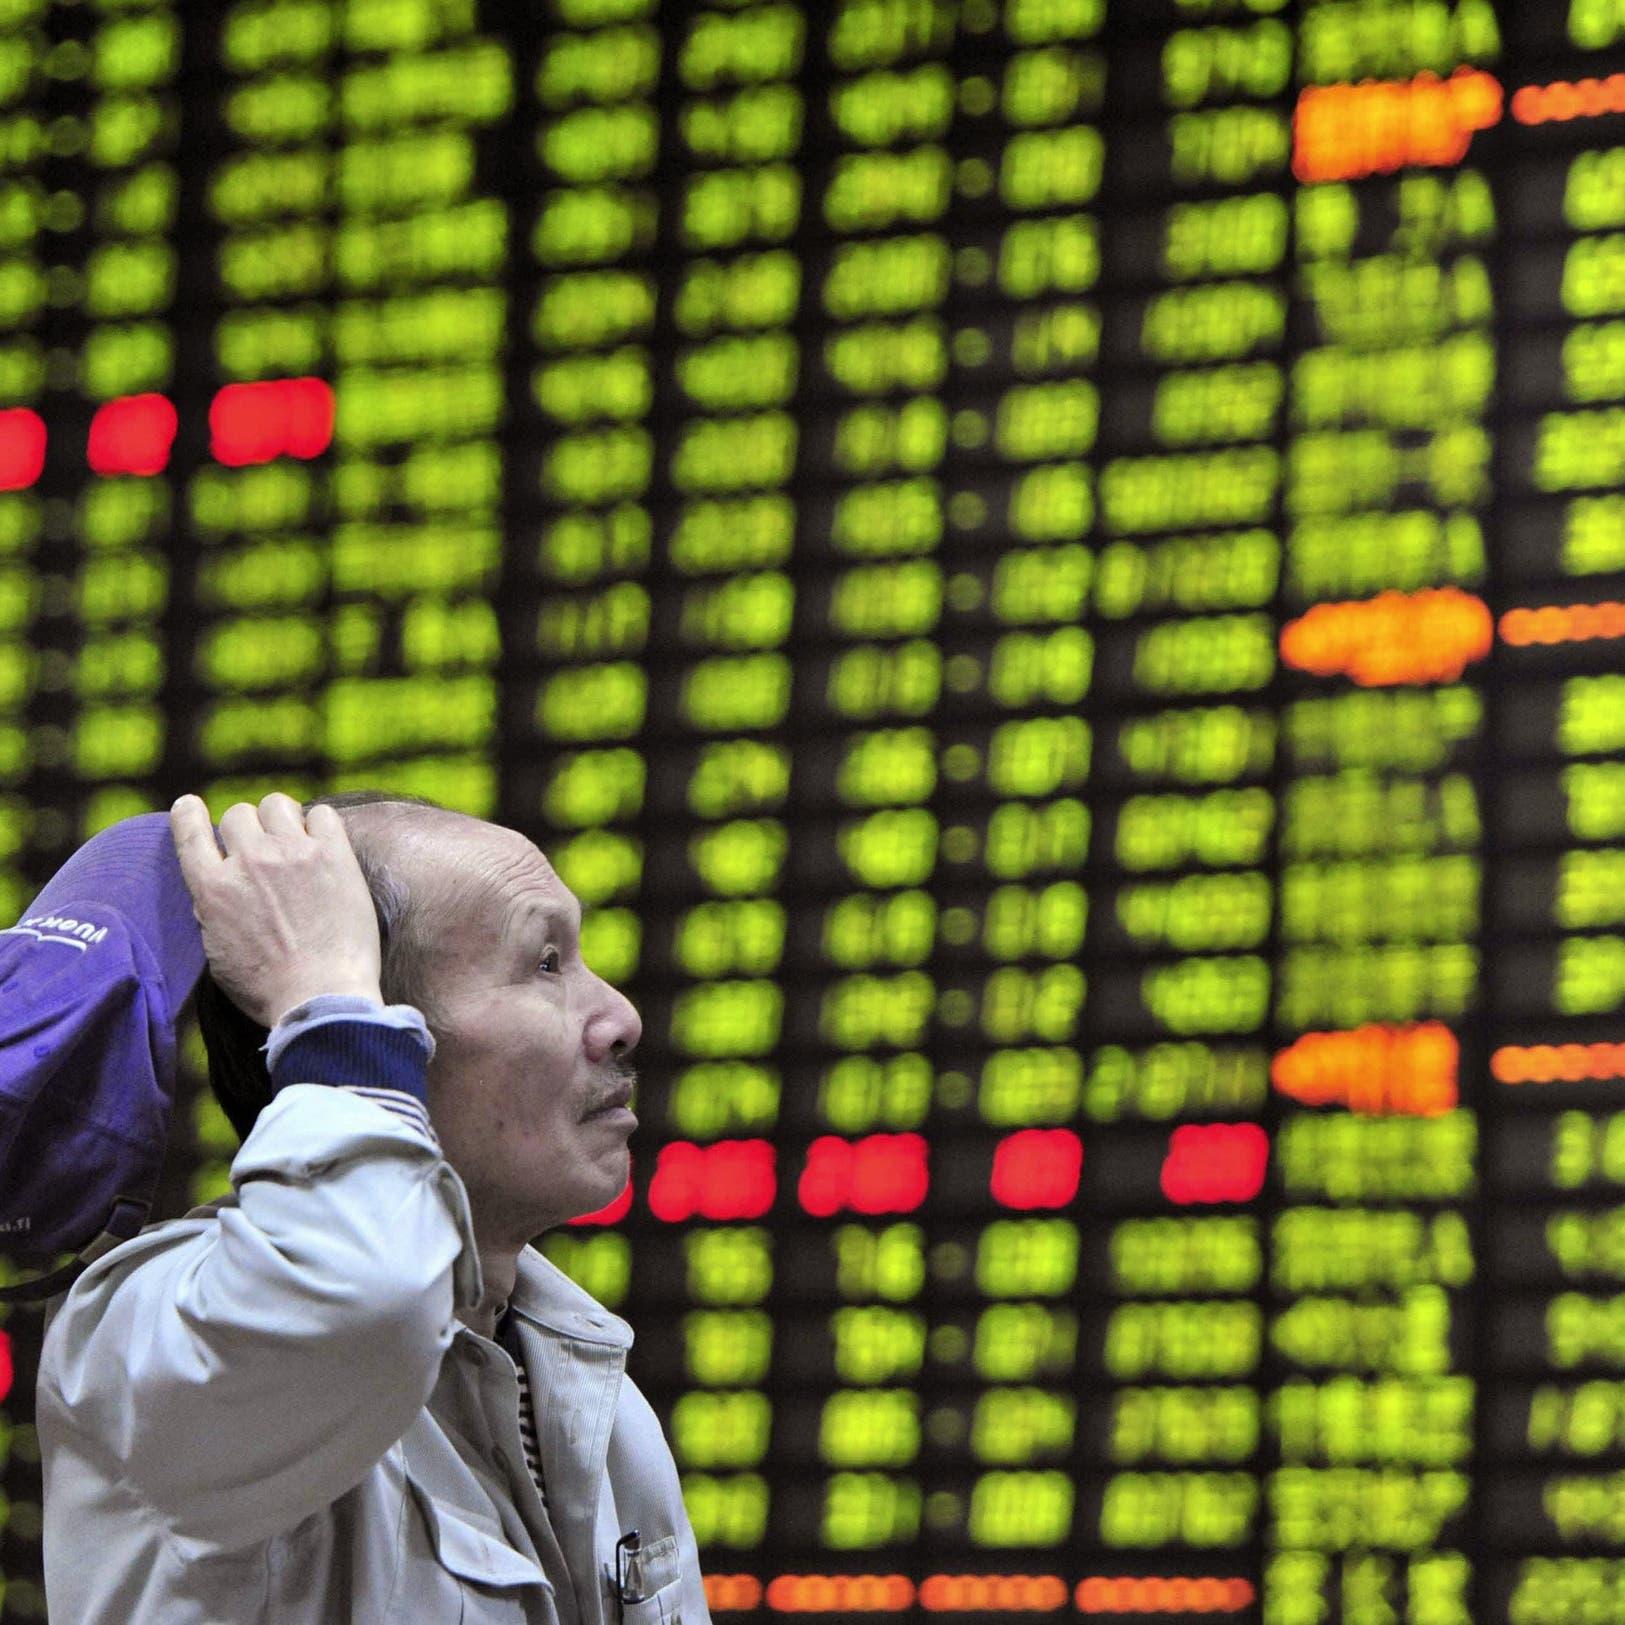 المستثمرون يراهنون على صعود الأسهم الخضراء في الصين لتلك الأسباب